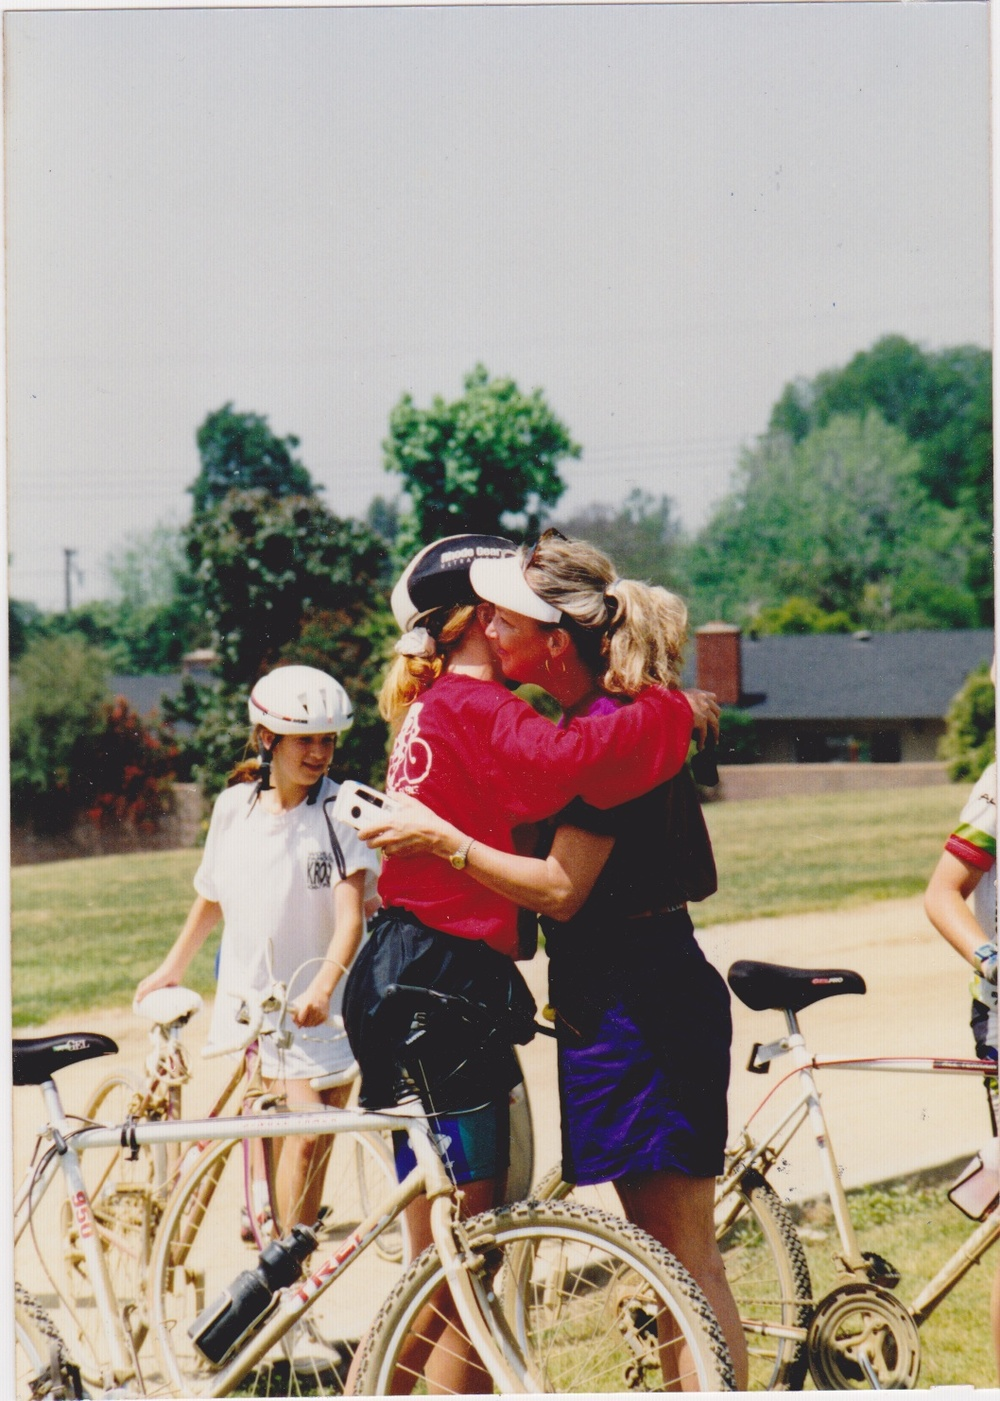 Post Bike Marathon mom hug, '93.